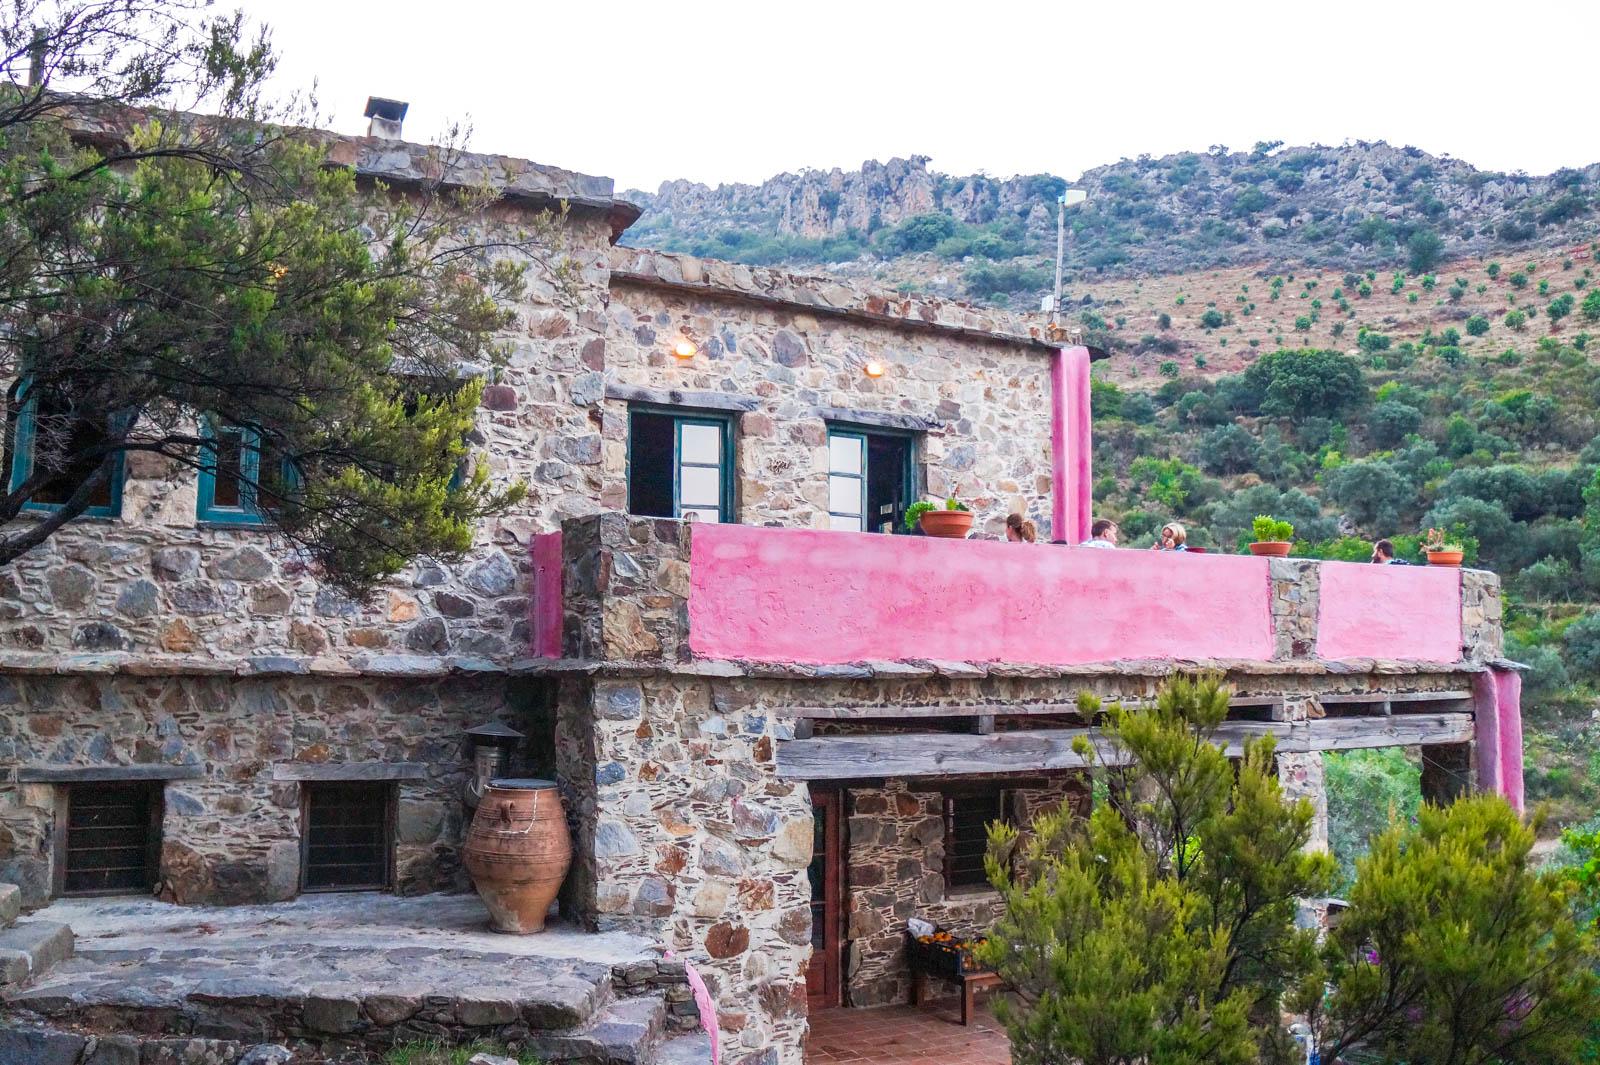 milia-crete-greece-la-vie-en-blog-all-rights-reserved-5